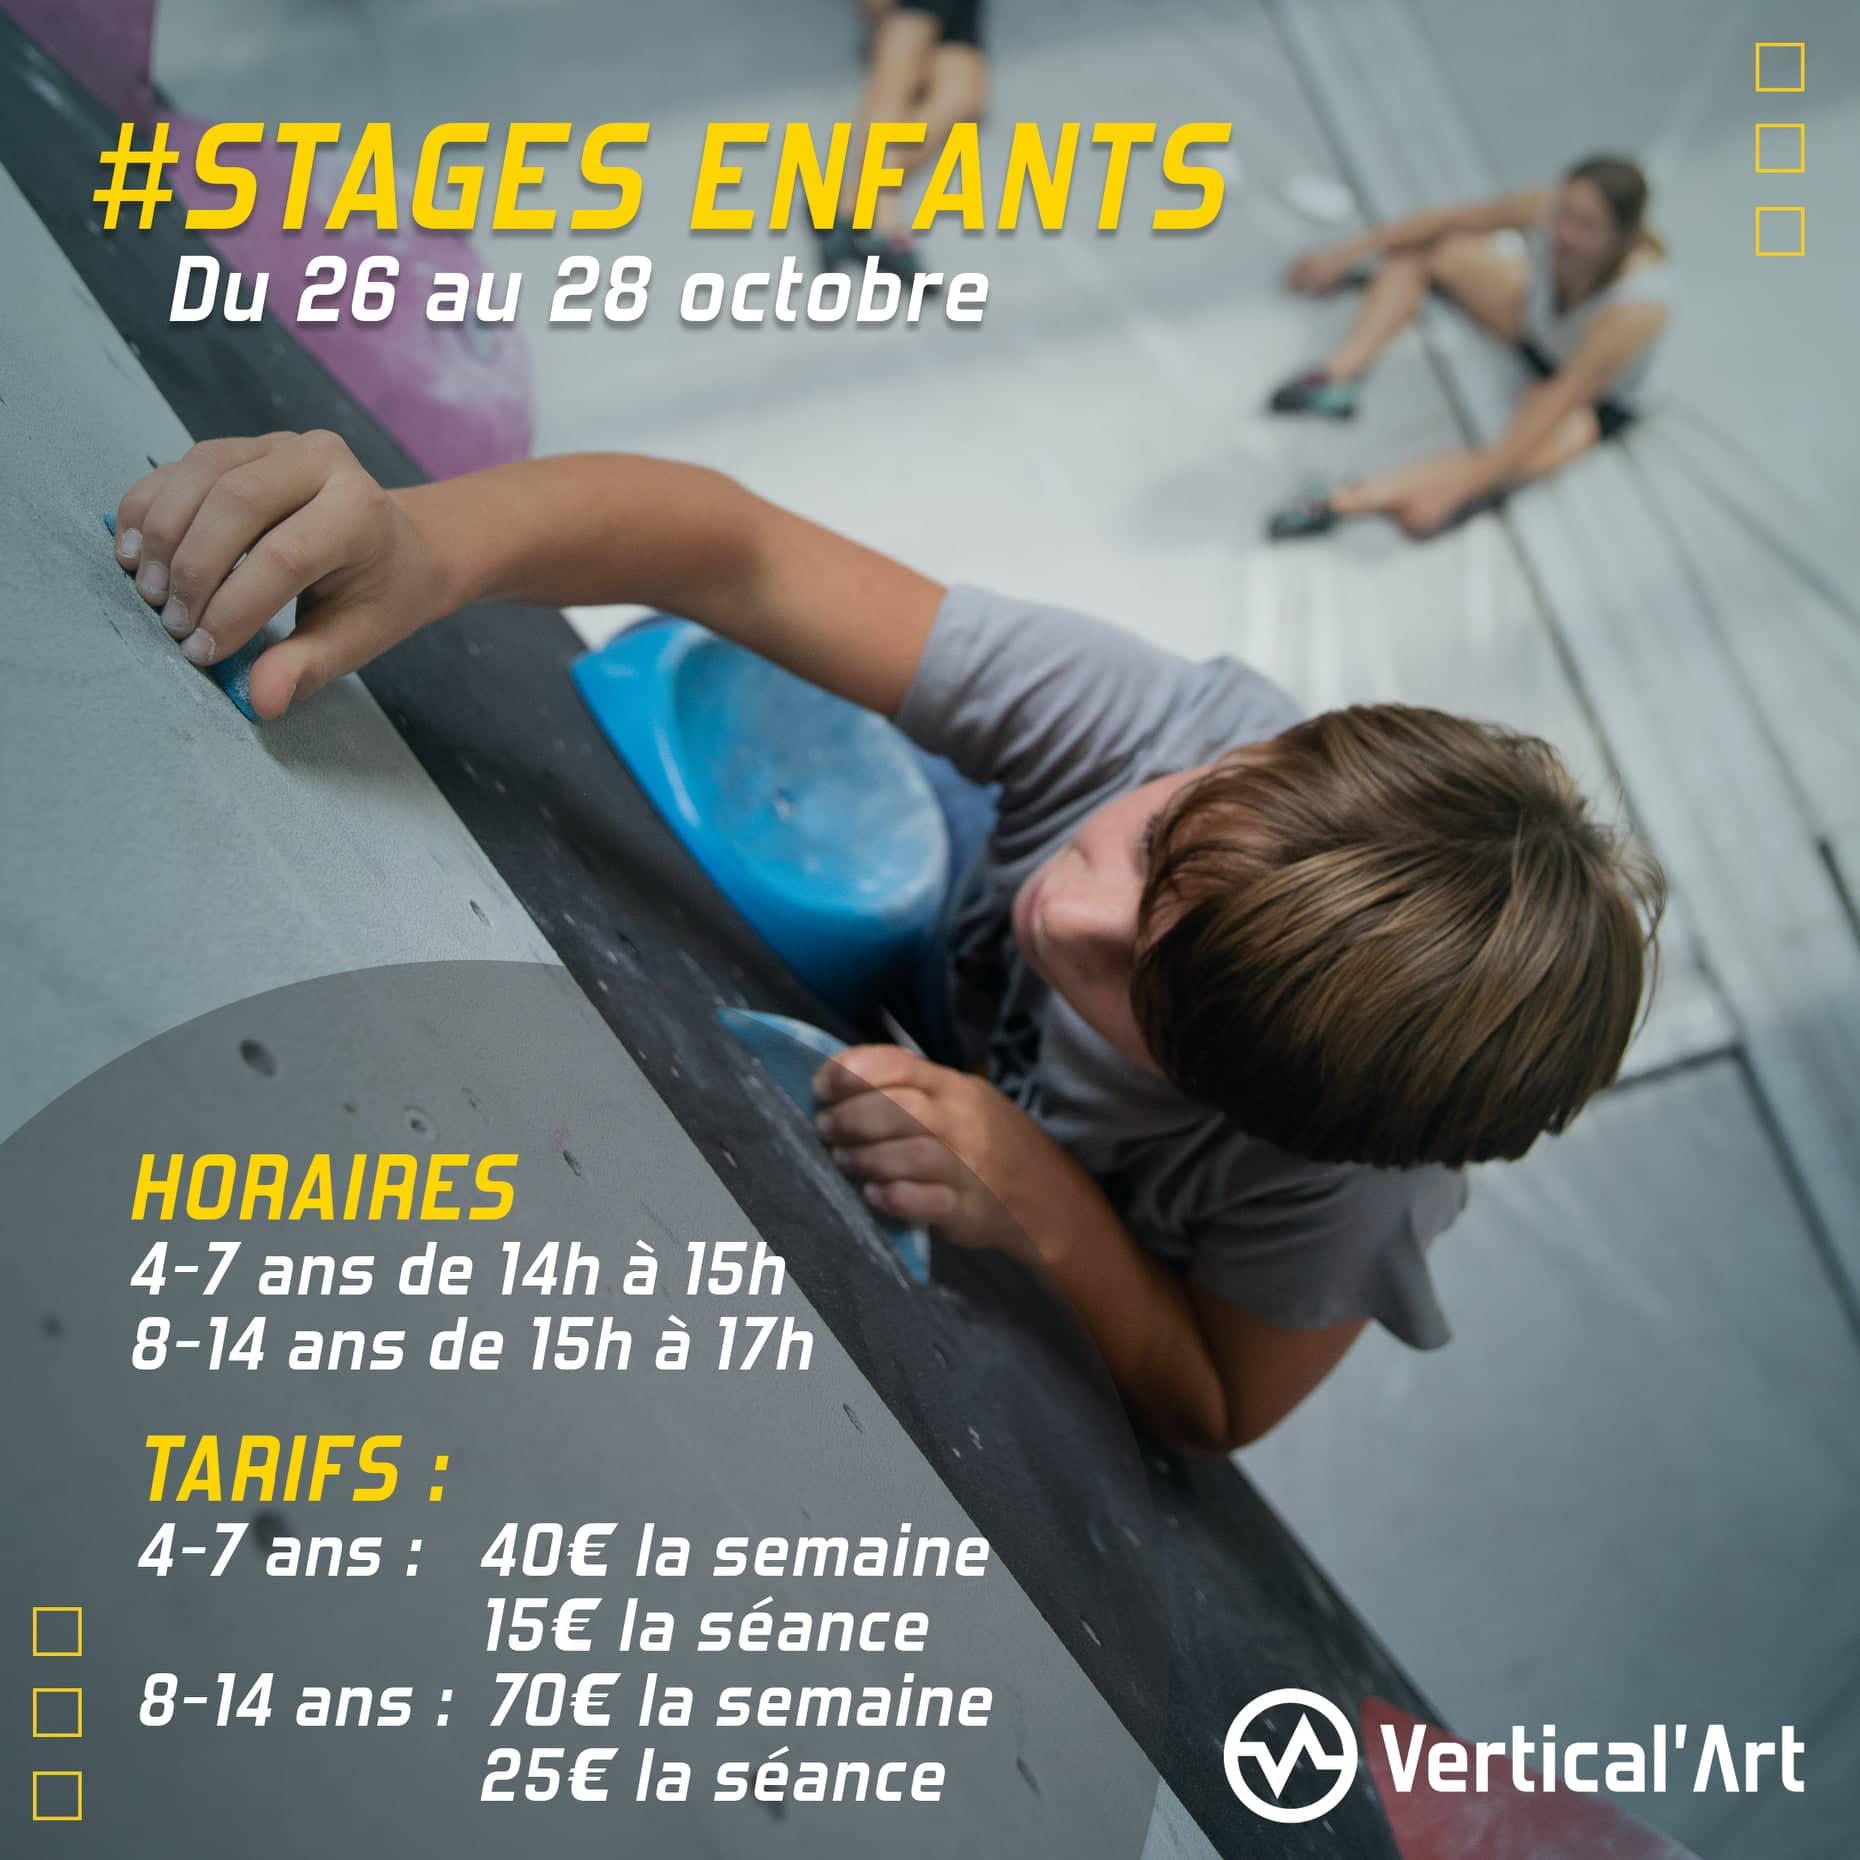 Stages vacances de la Toussaint à Vertical'Art Lyon du 26 au 28 octobre, inscriptions ouvertes